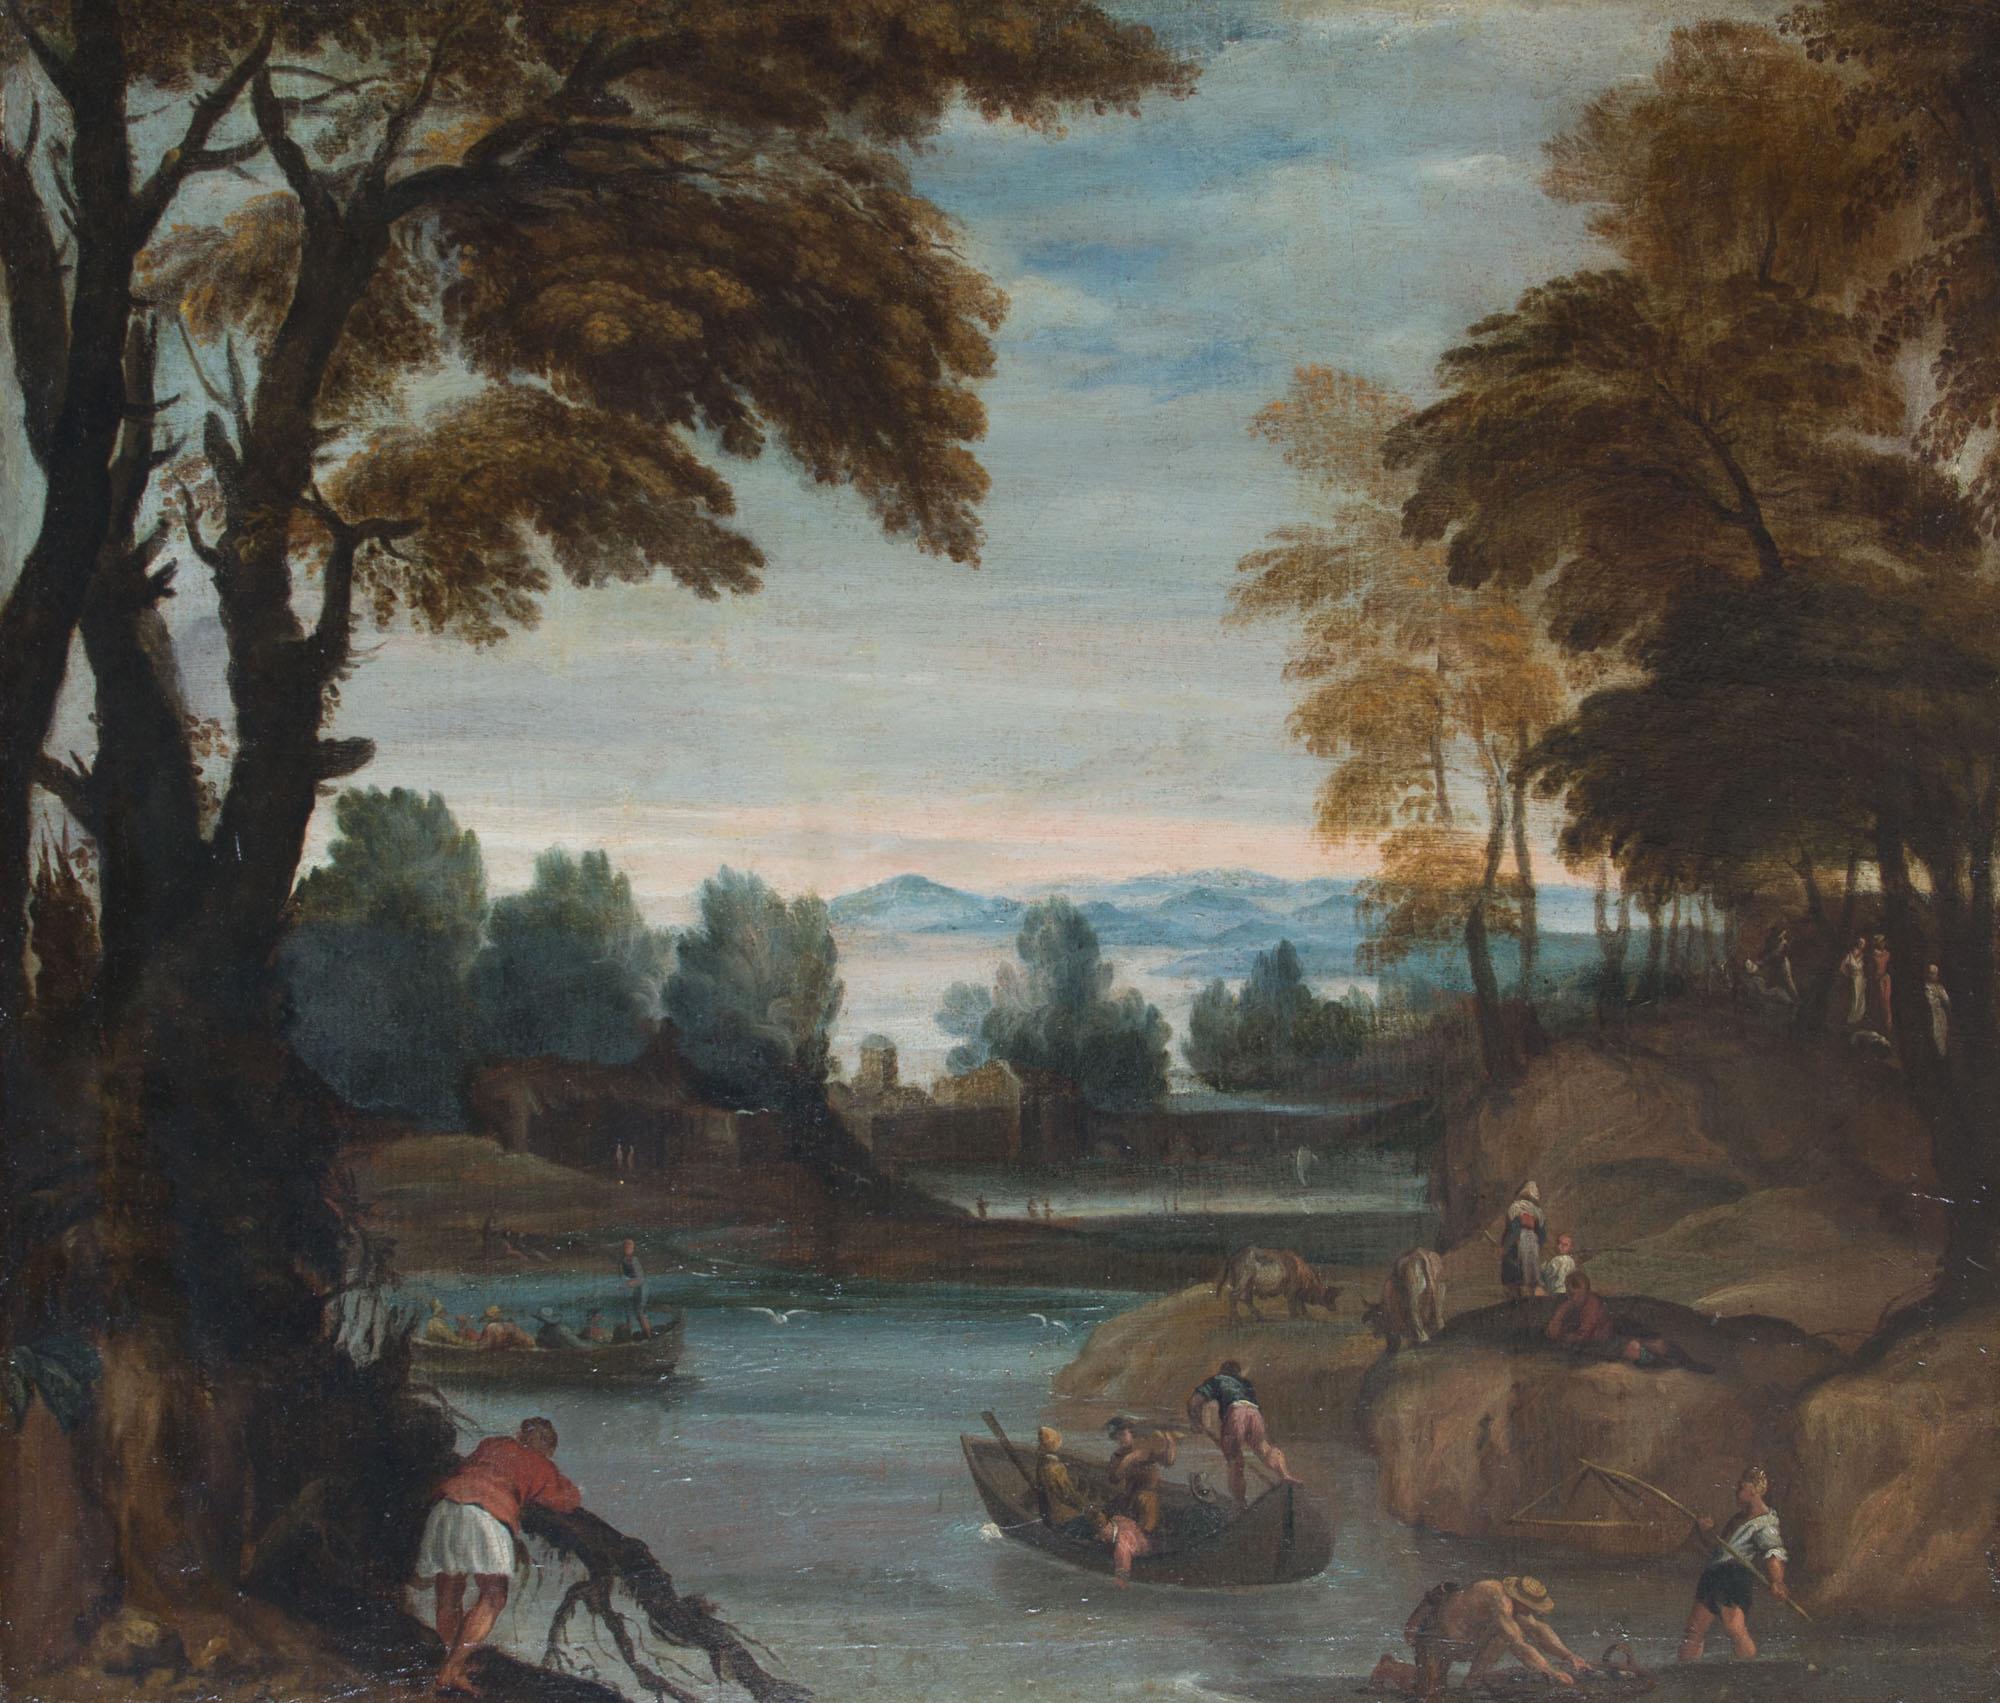 A Landscape with Boatmen, Attributed to Giovanni Francesco Grimaldi, il Bolognese (1606-1680).